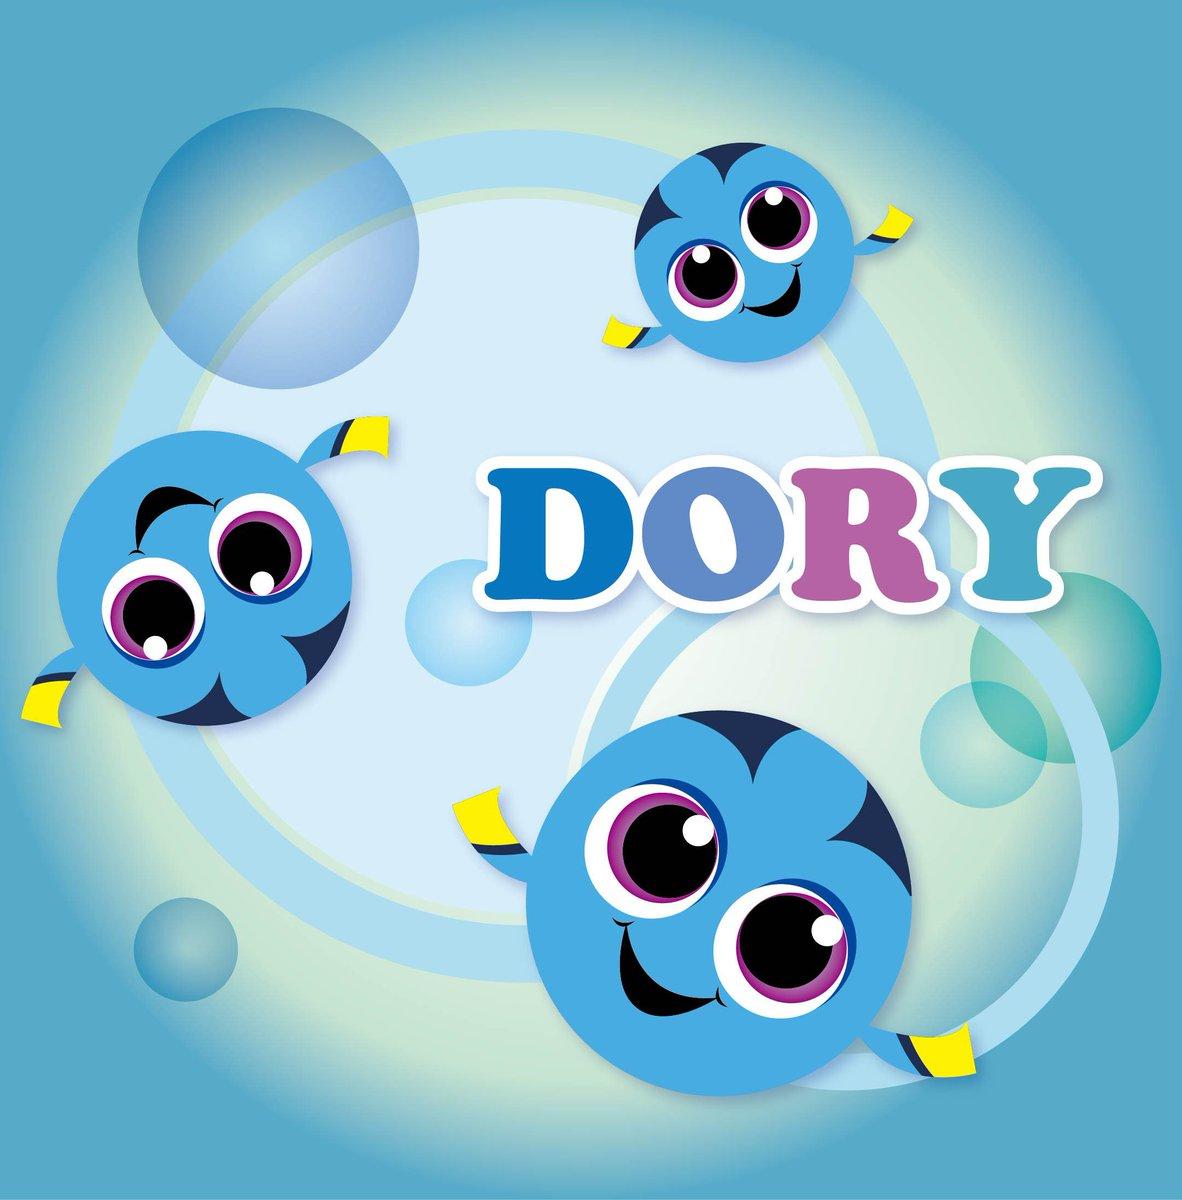 ドリーを探せキャンペーン From ディズニースタジオ On Twitter